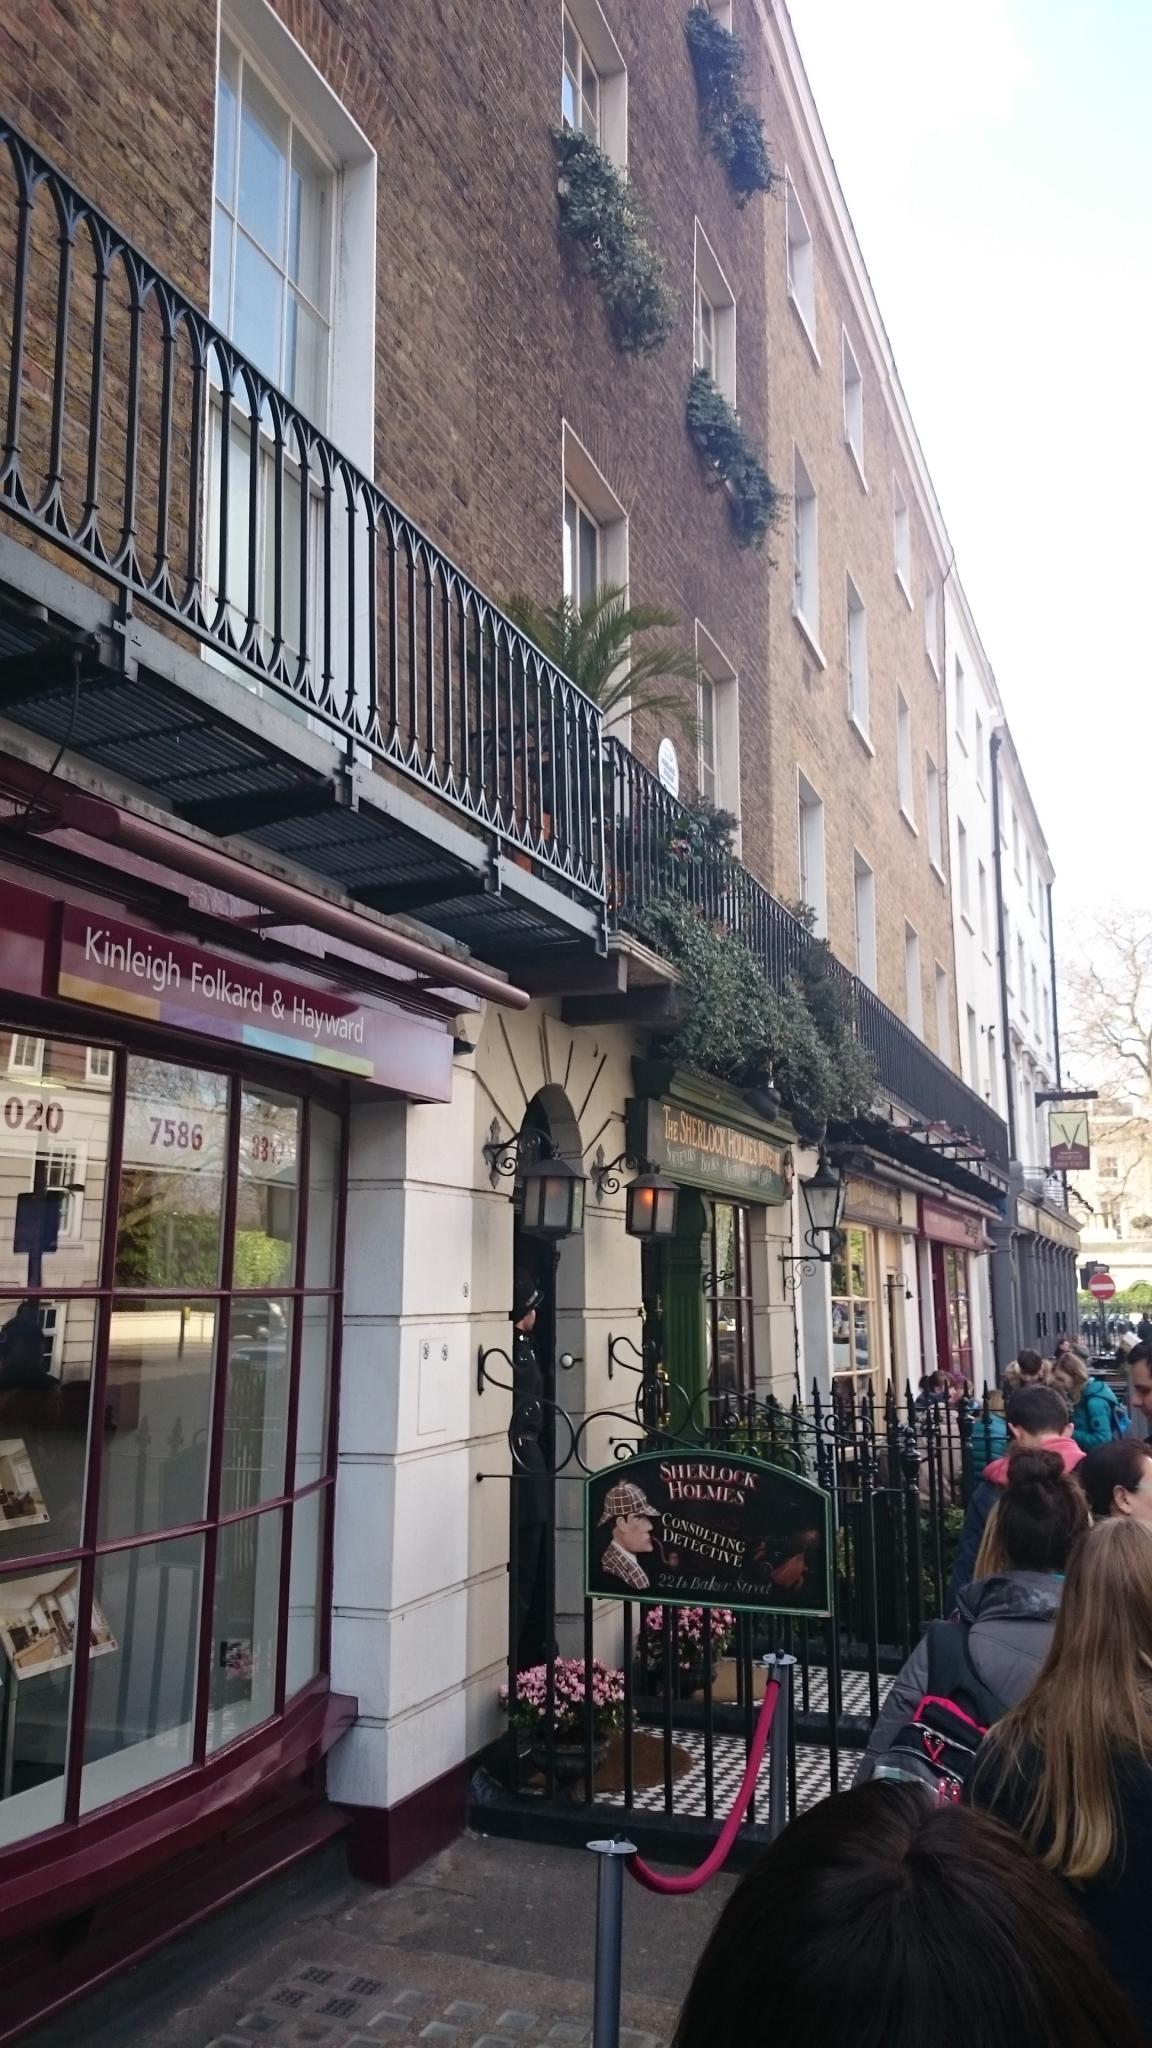 dsc 0909 - El Museo / Casa de Sherlock Holmes en Londres